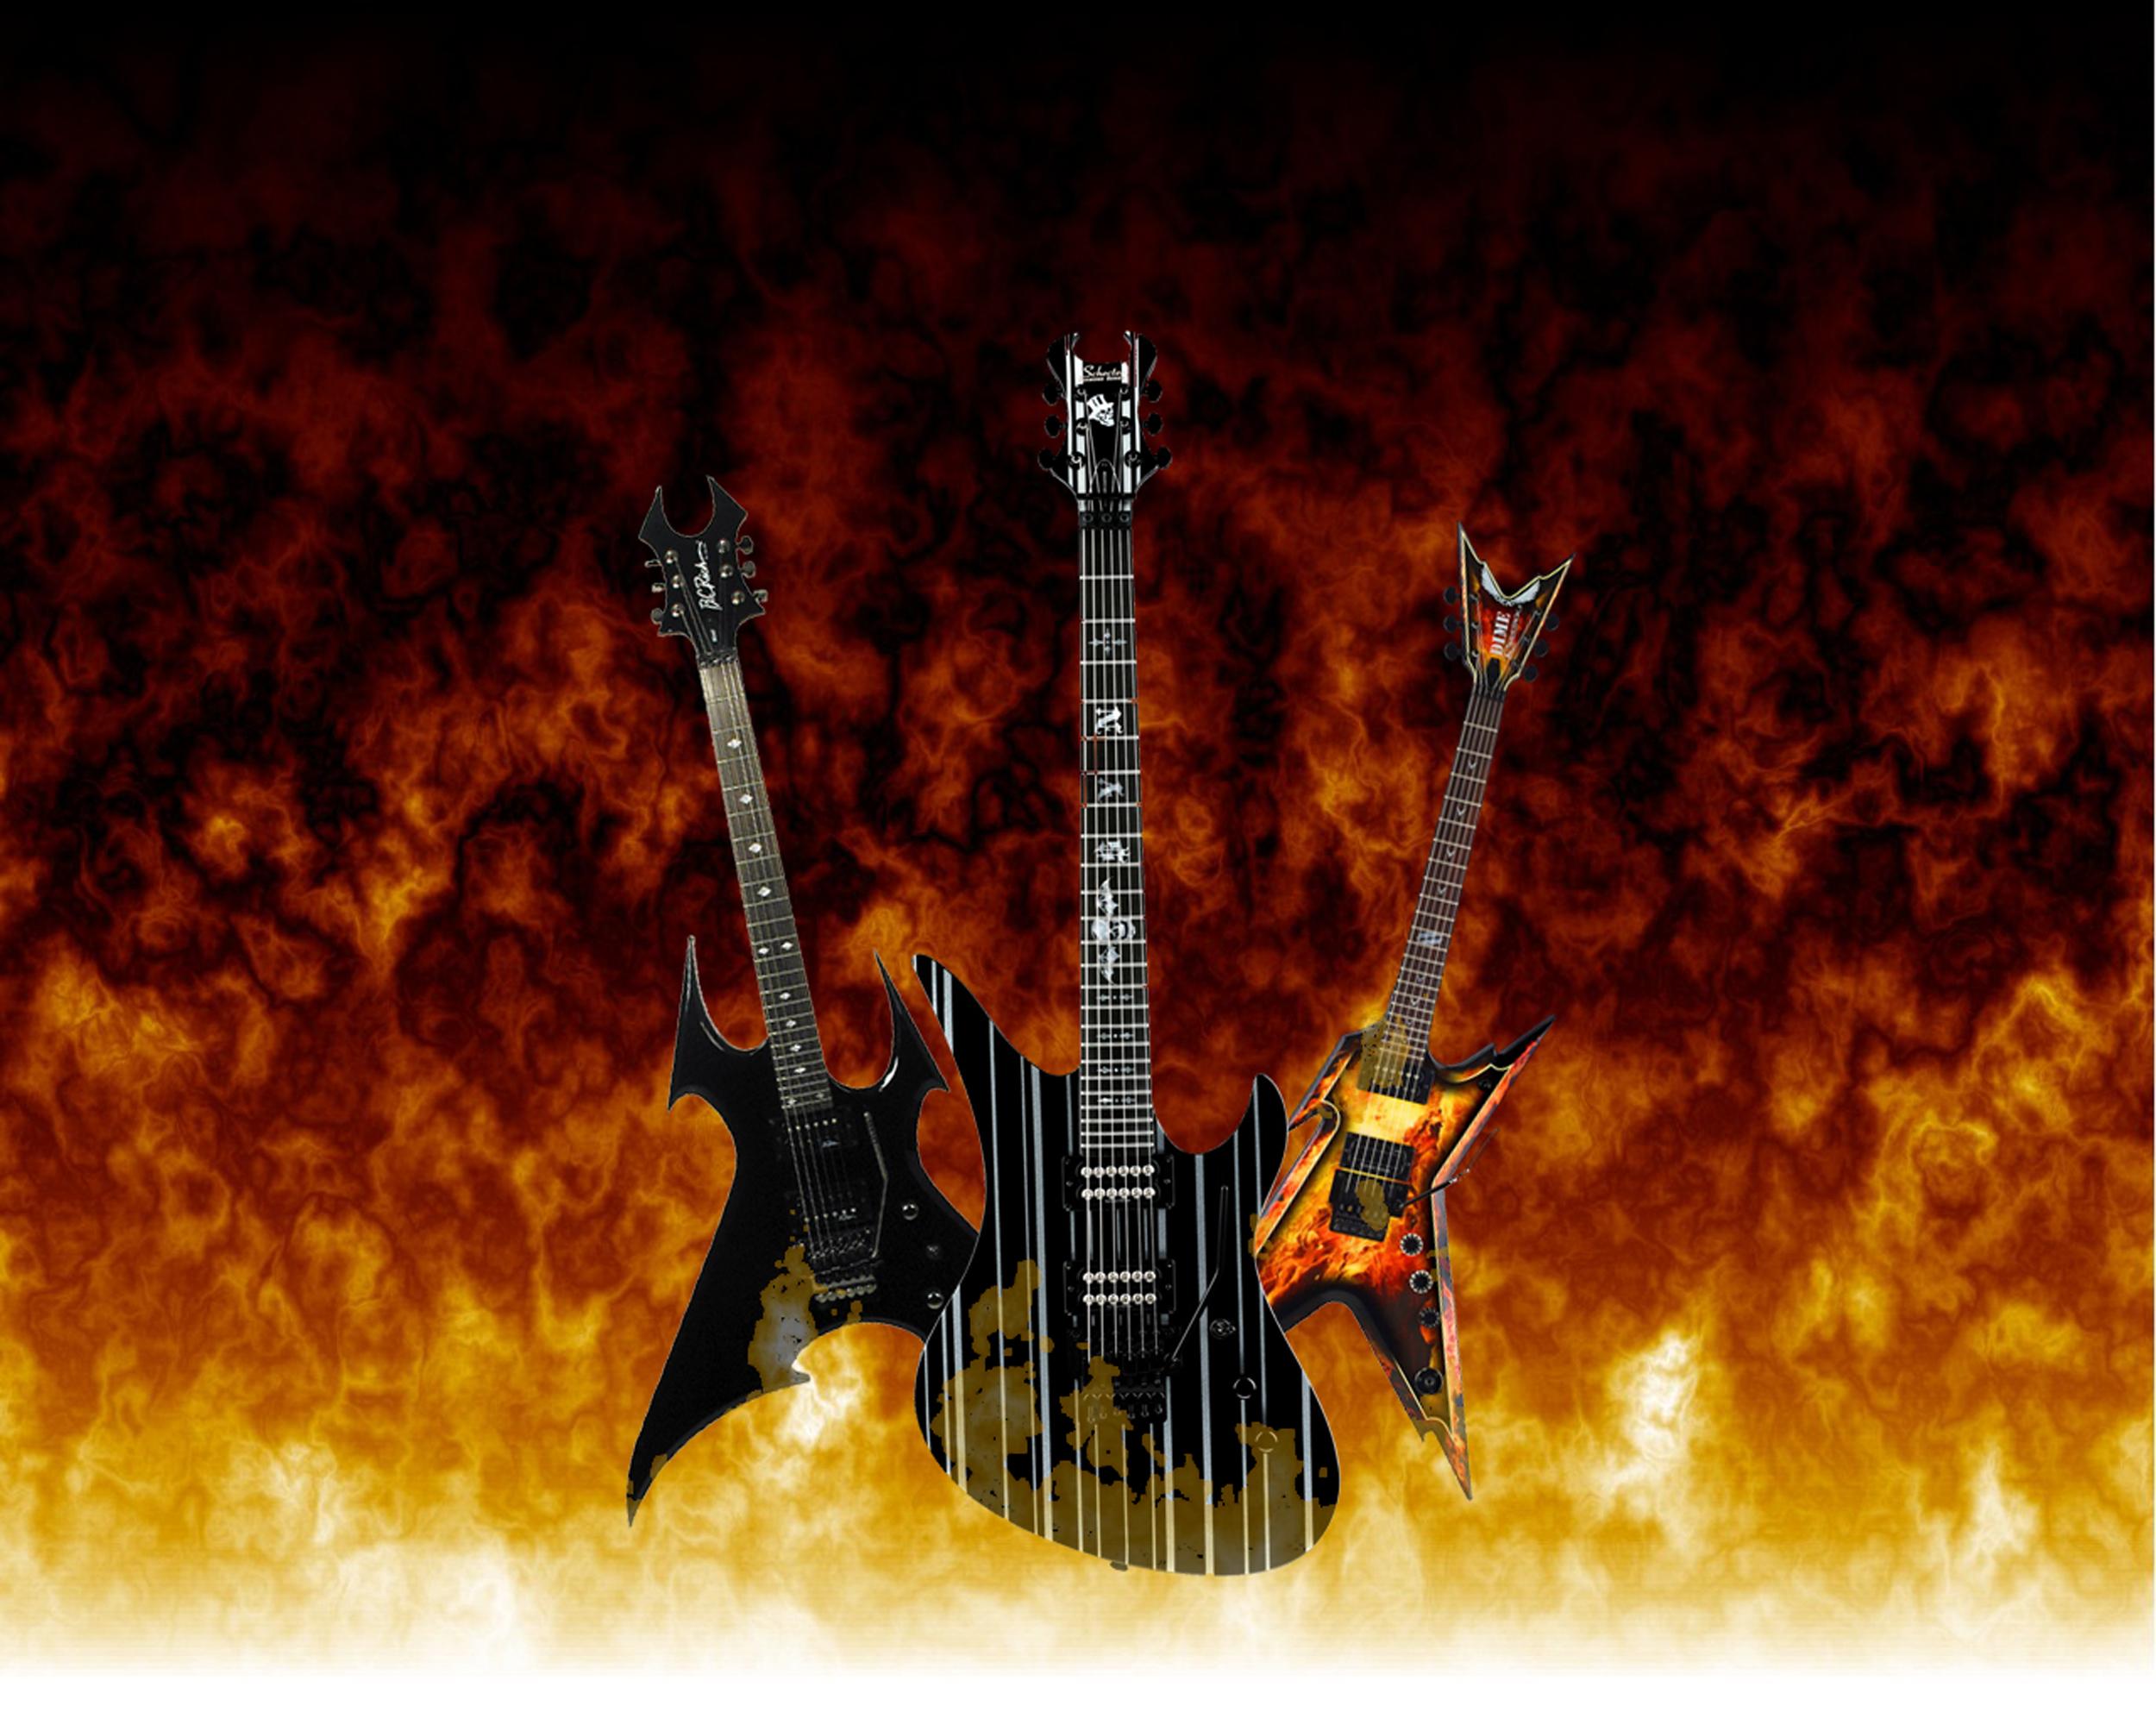 Открытки отличным, картинки на тему рок металл